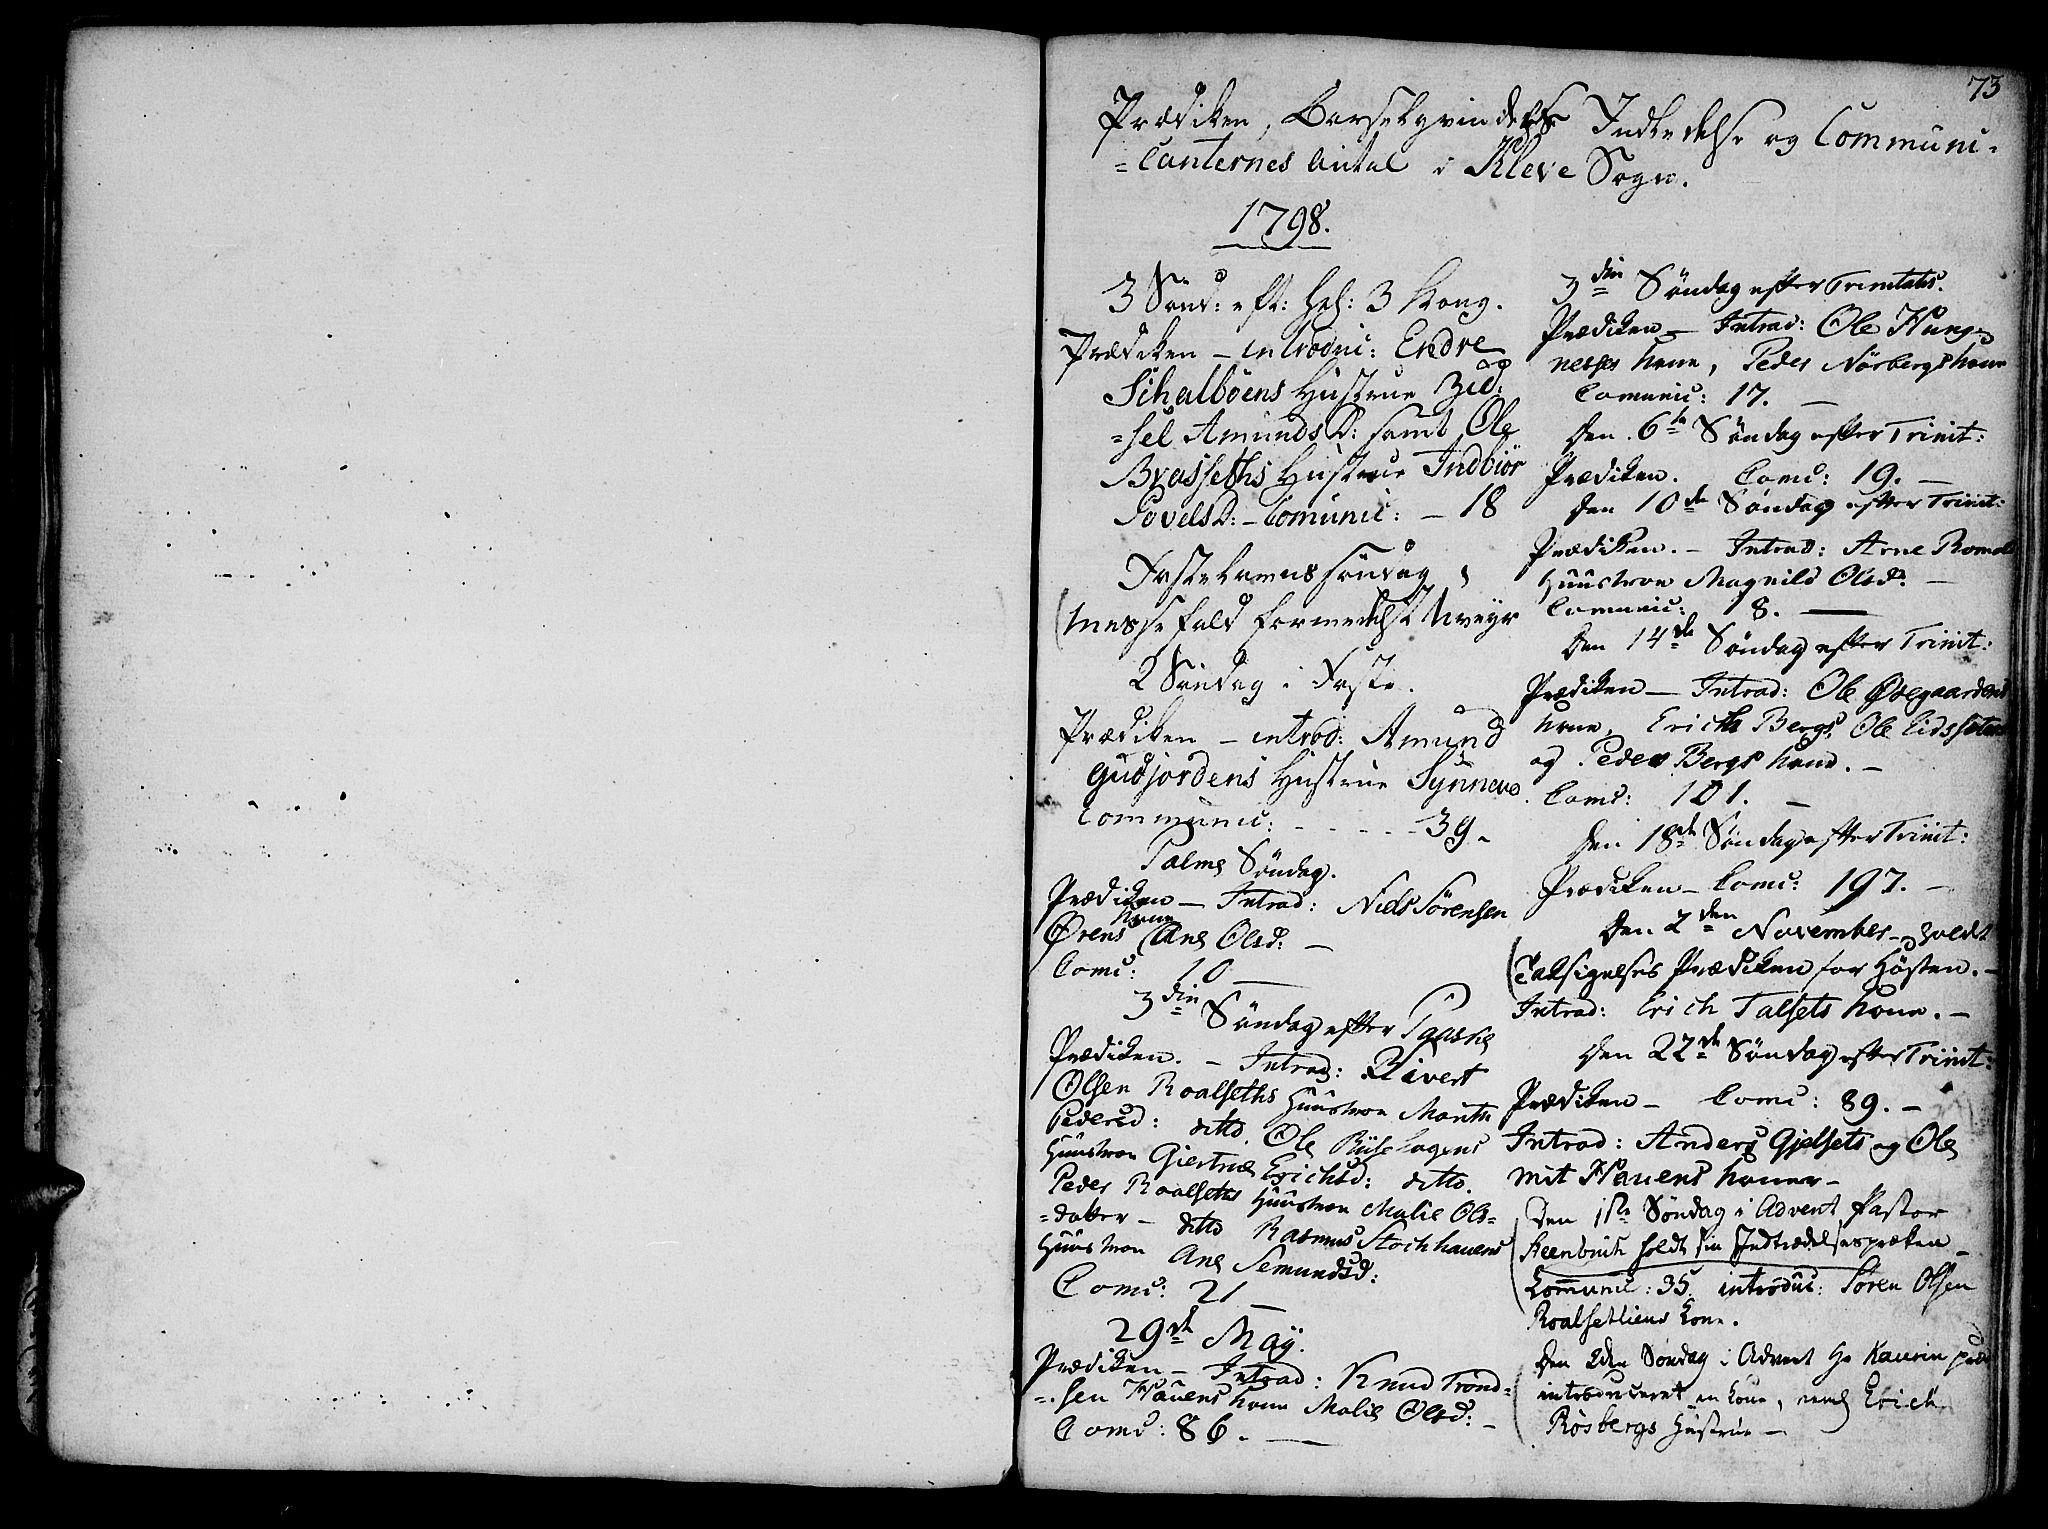 SAT, Ministerialprotokoller, klokkerbøker og fødselsregistre - Møre og Romsdal, 555/L0650: Ministerialbok nr. 555A02 /2, 1798-1821, s. 73